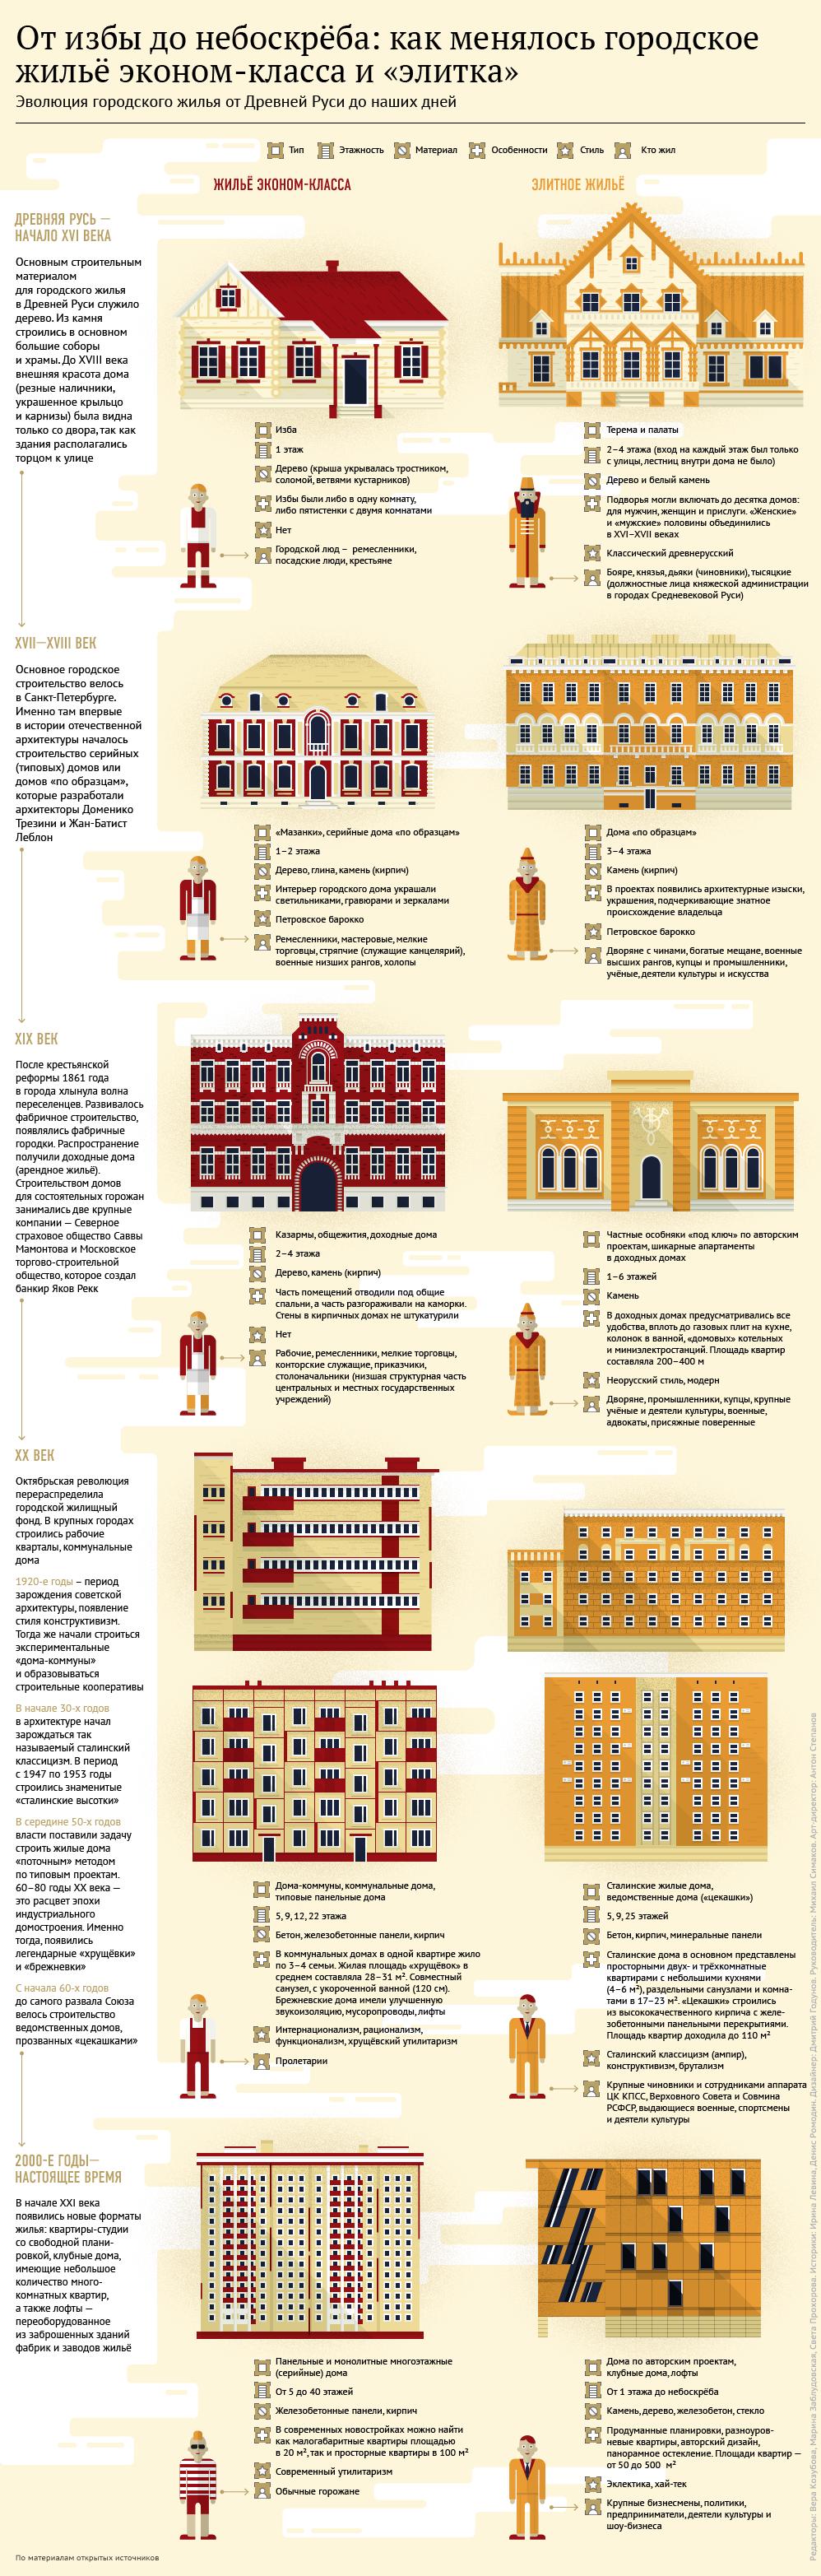 Как менялось жильё эконом-класса и элитка